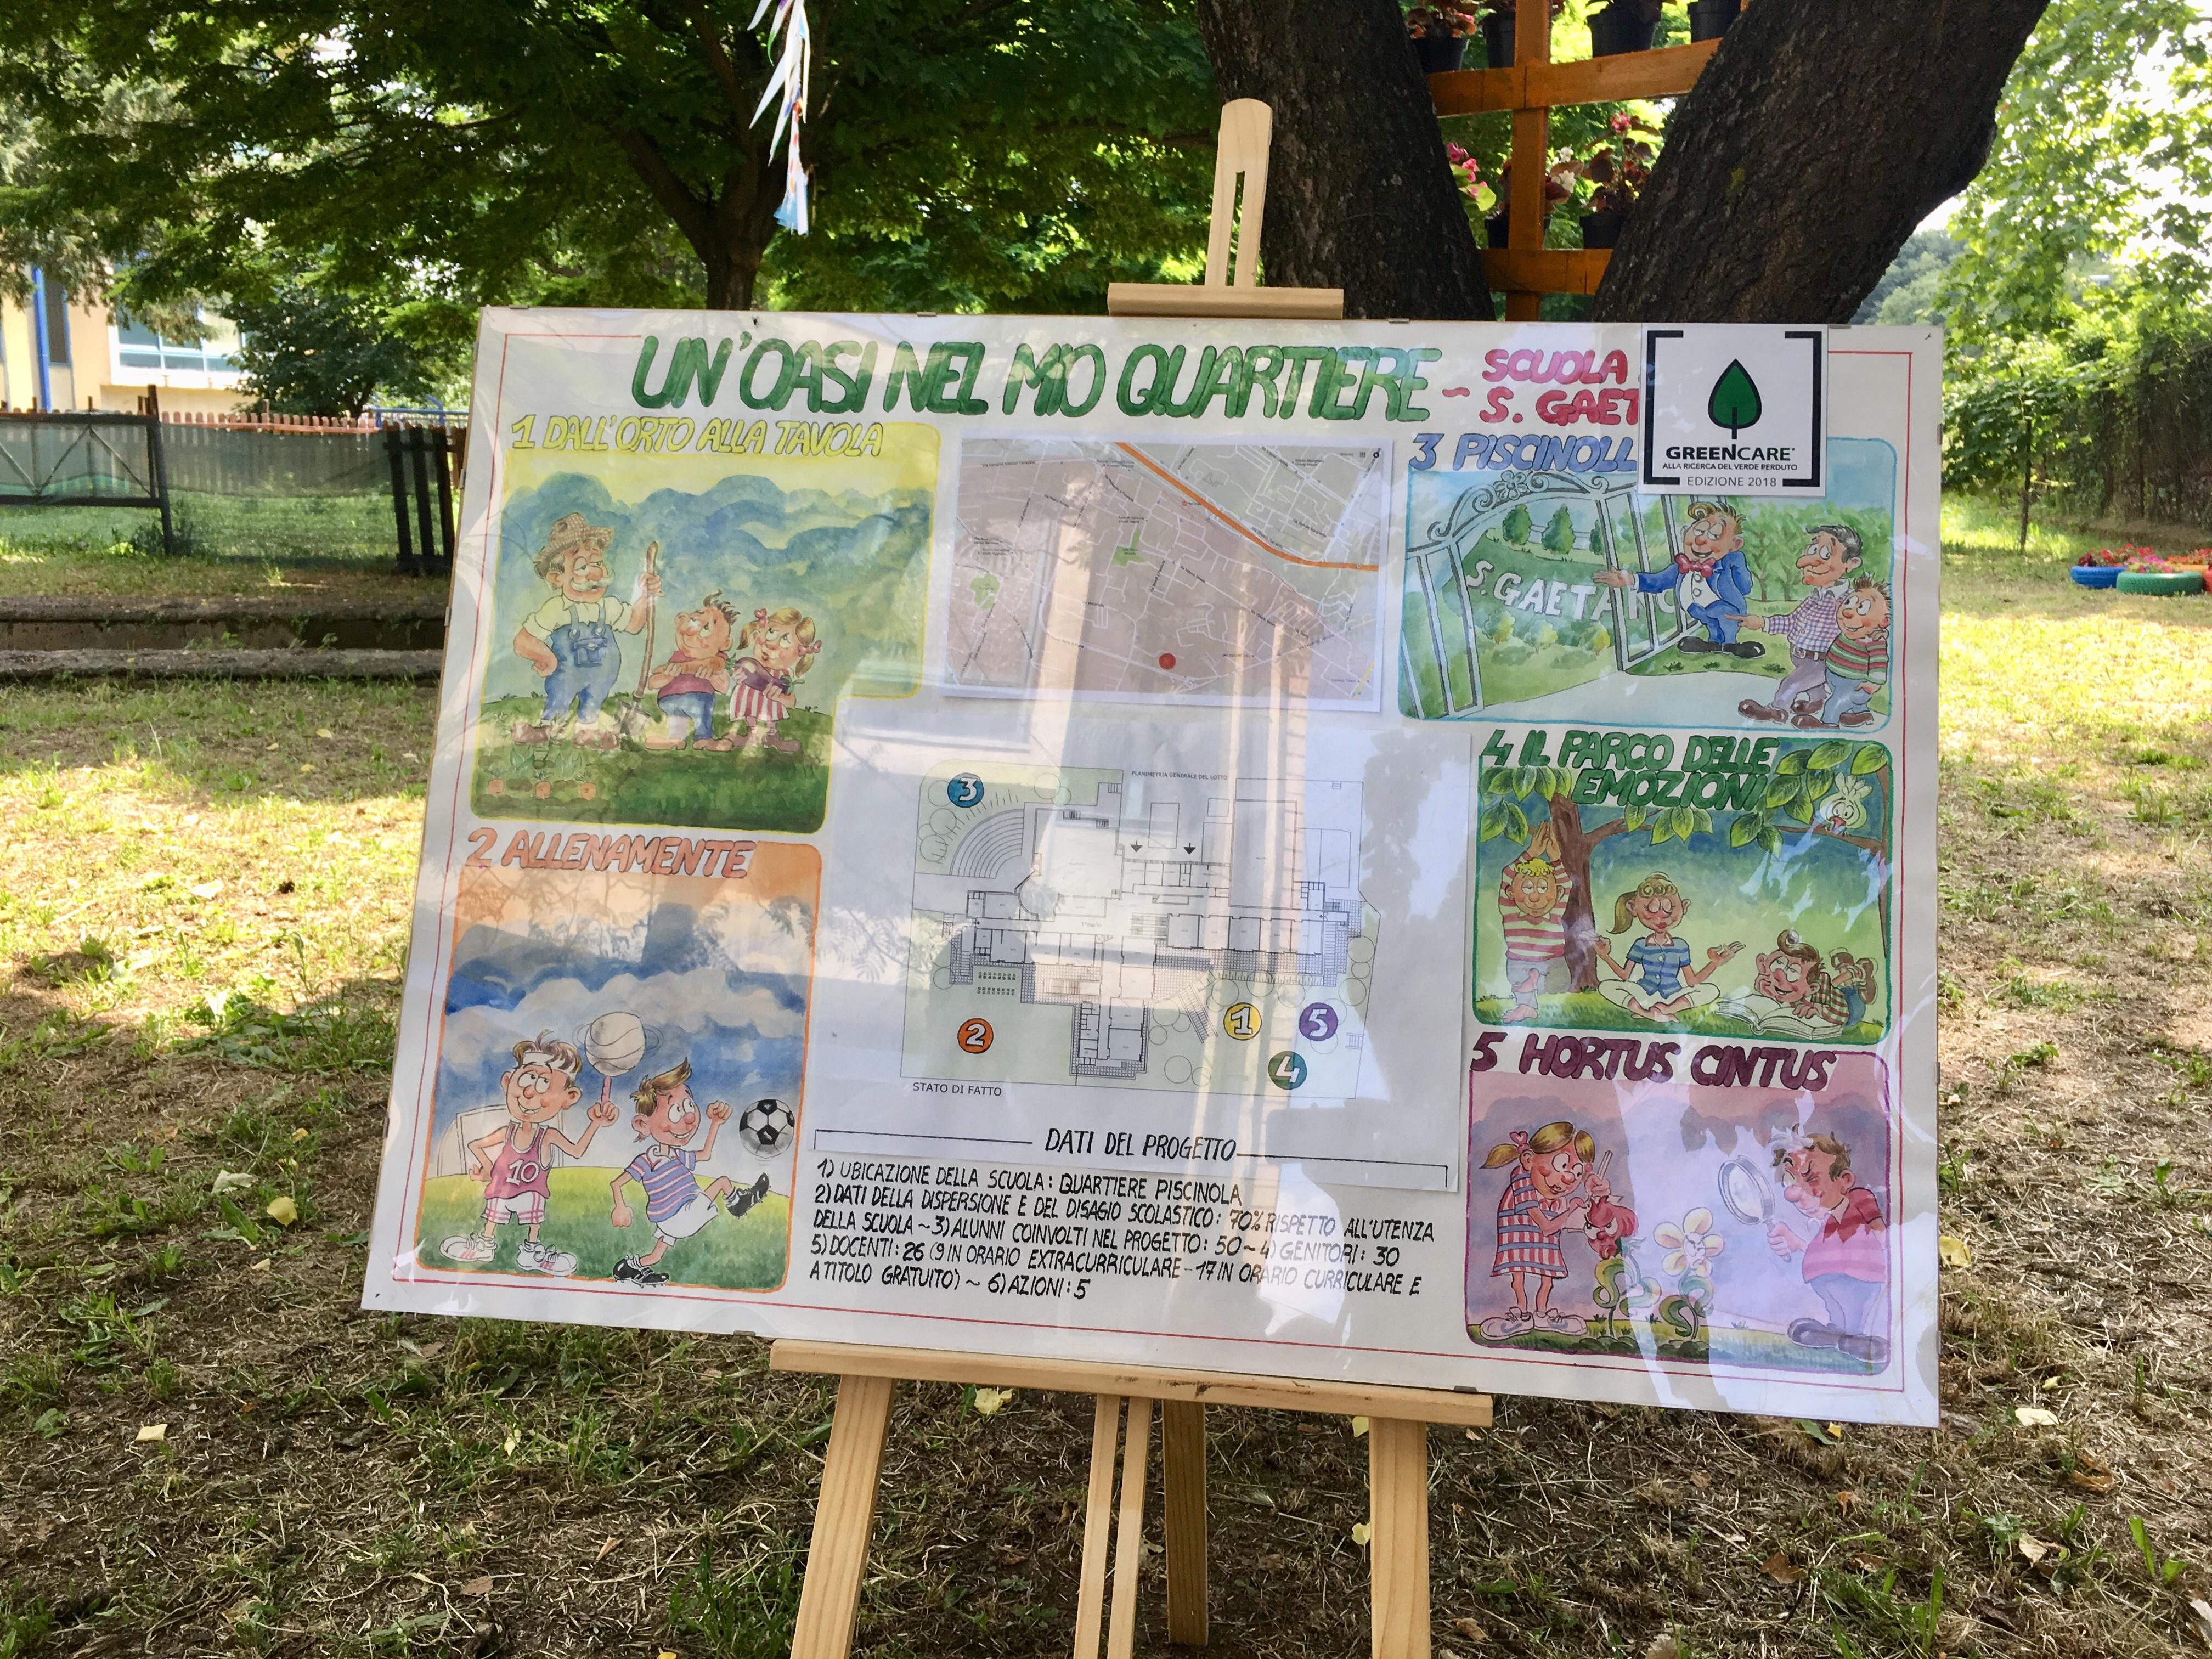 Le attività green del 43° Tasso - San Gaetano